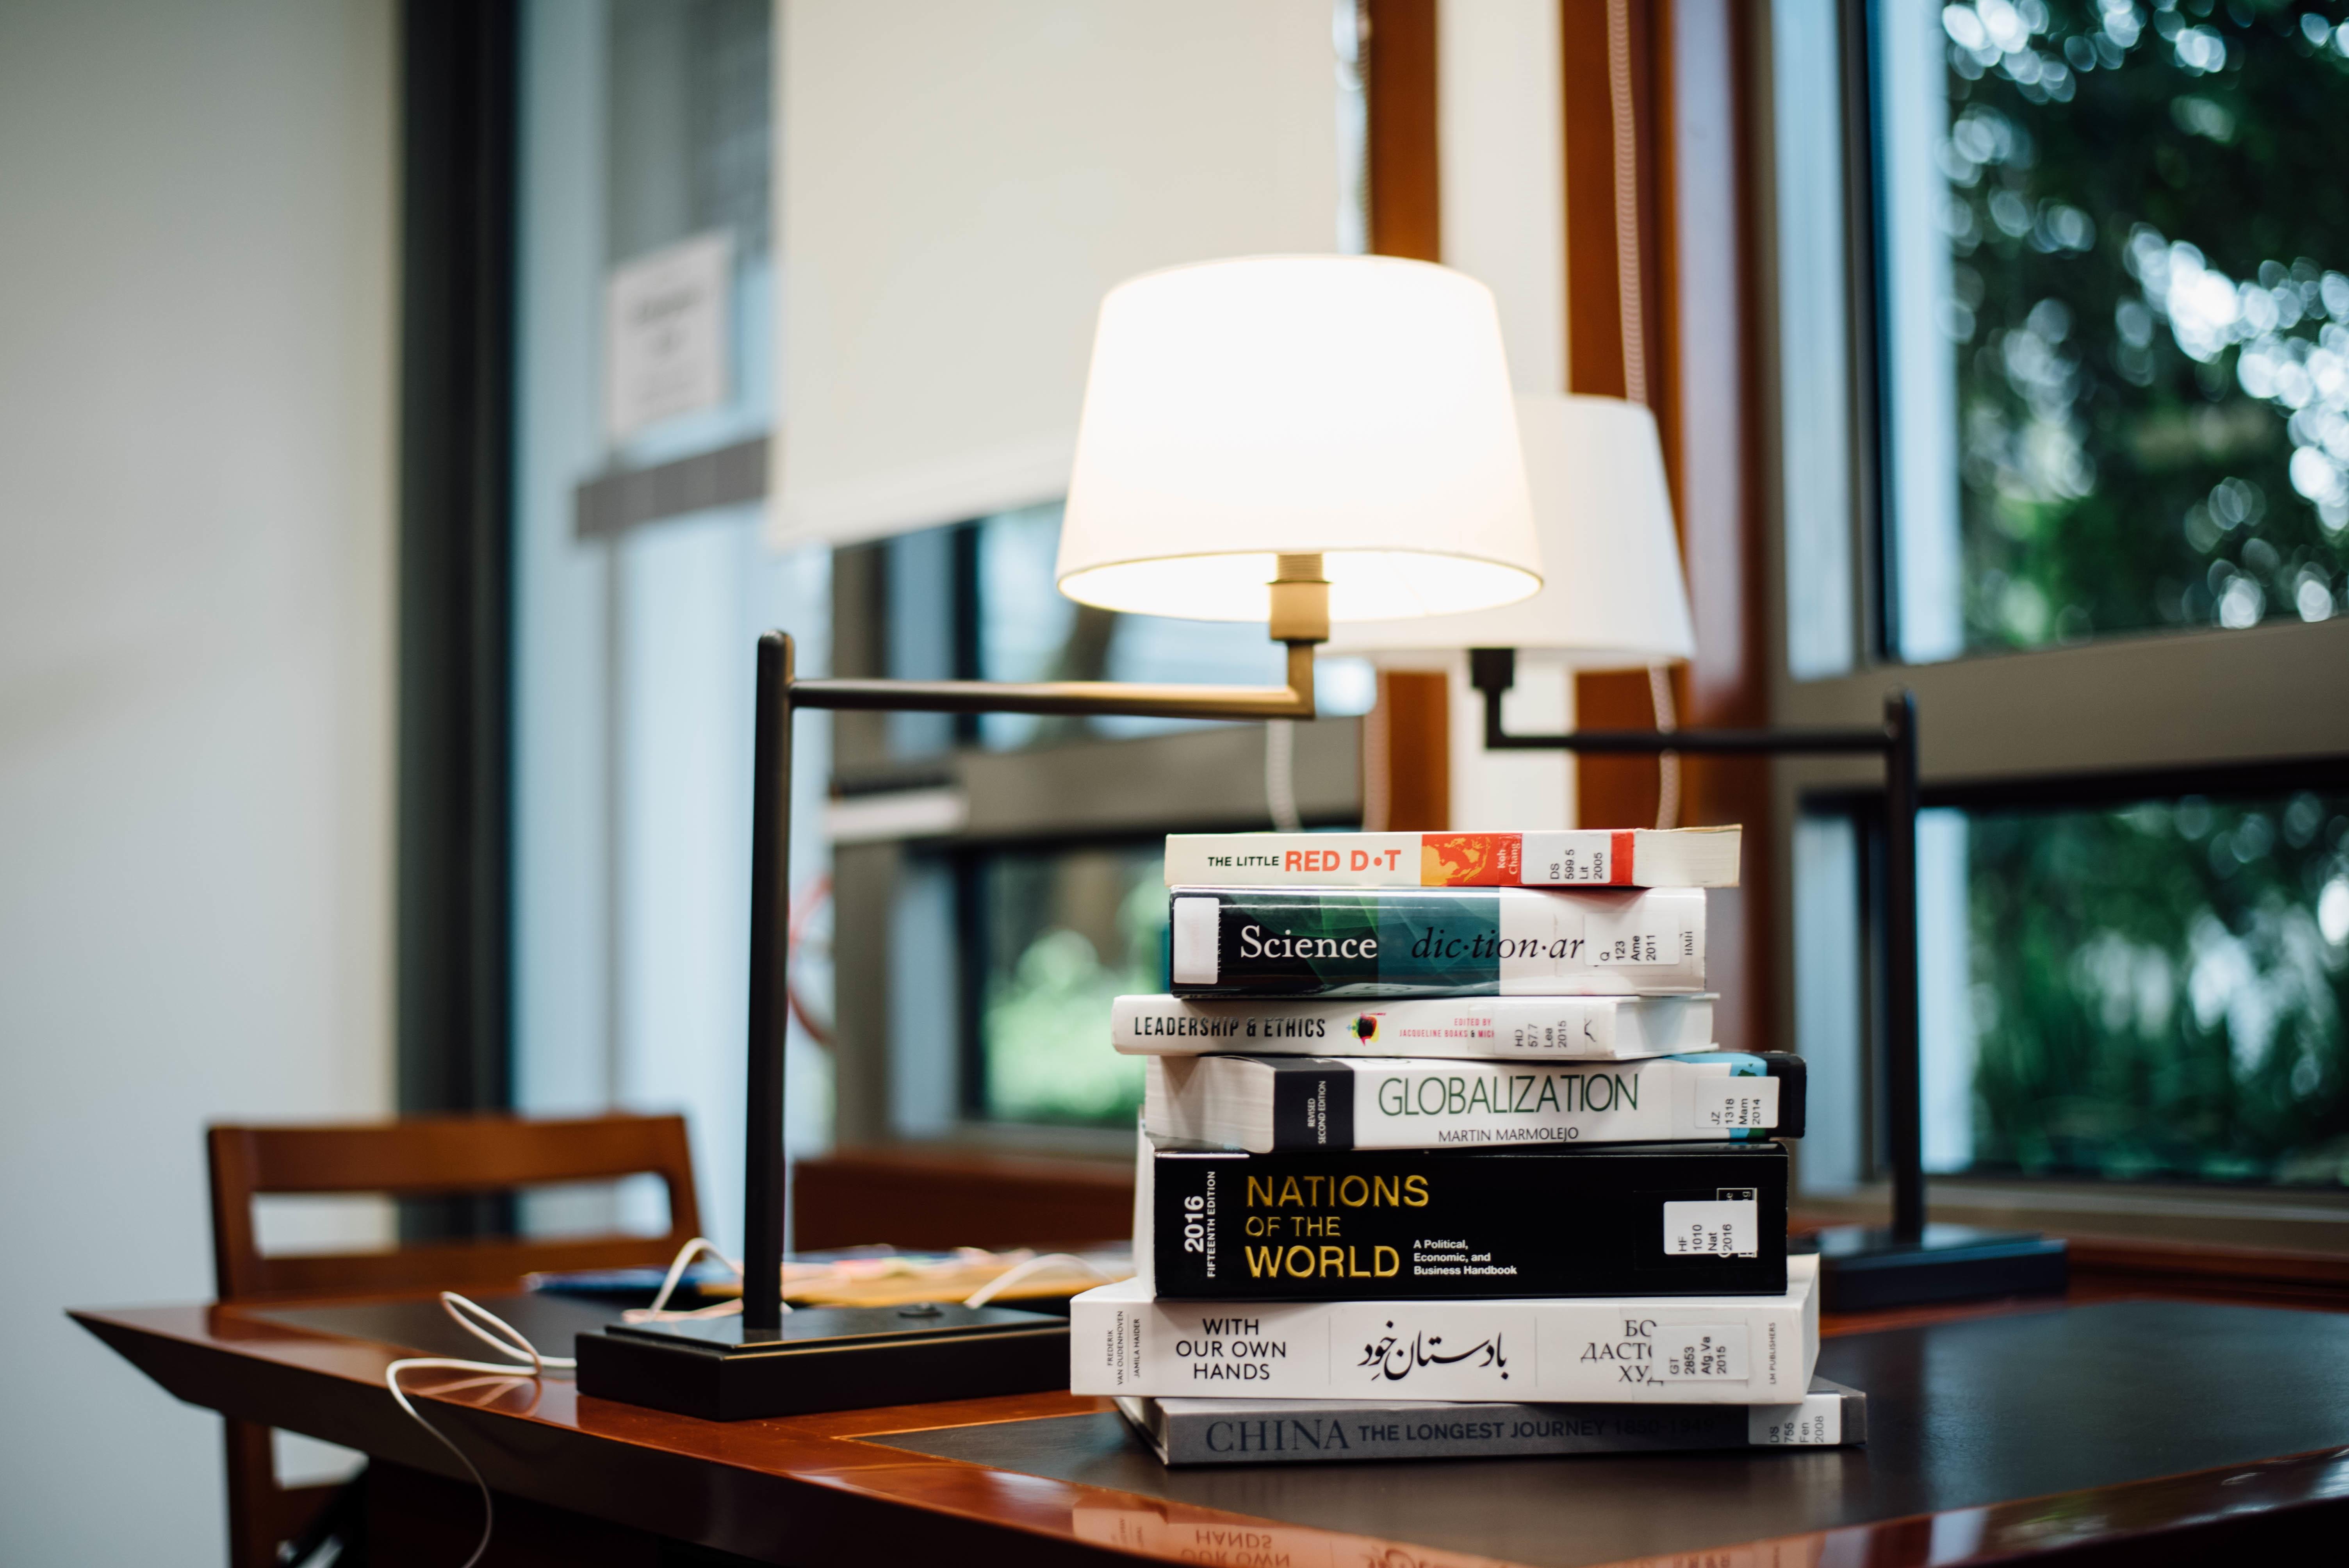 141323 Hintergrundbild herunterladen Bücher, Verschiedenes, Sonstige, Lampe, Tisch, Tabelle - Bildschirmschoner und Bilder kostenlos